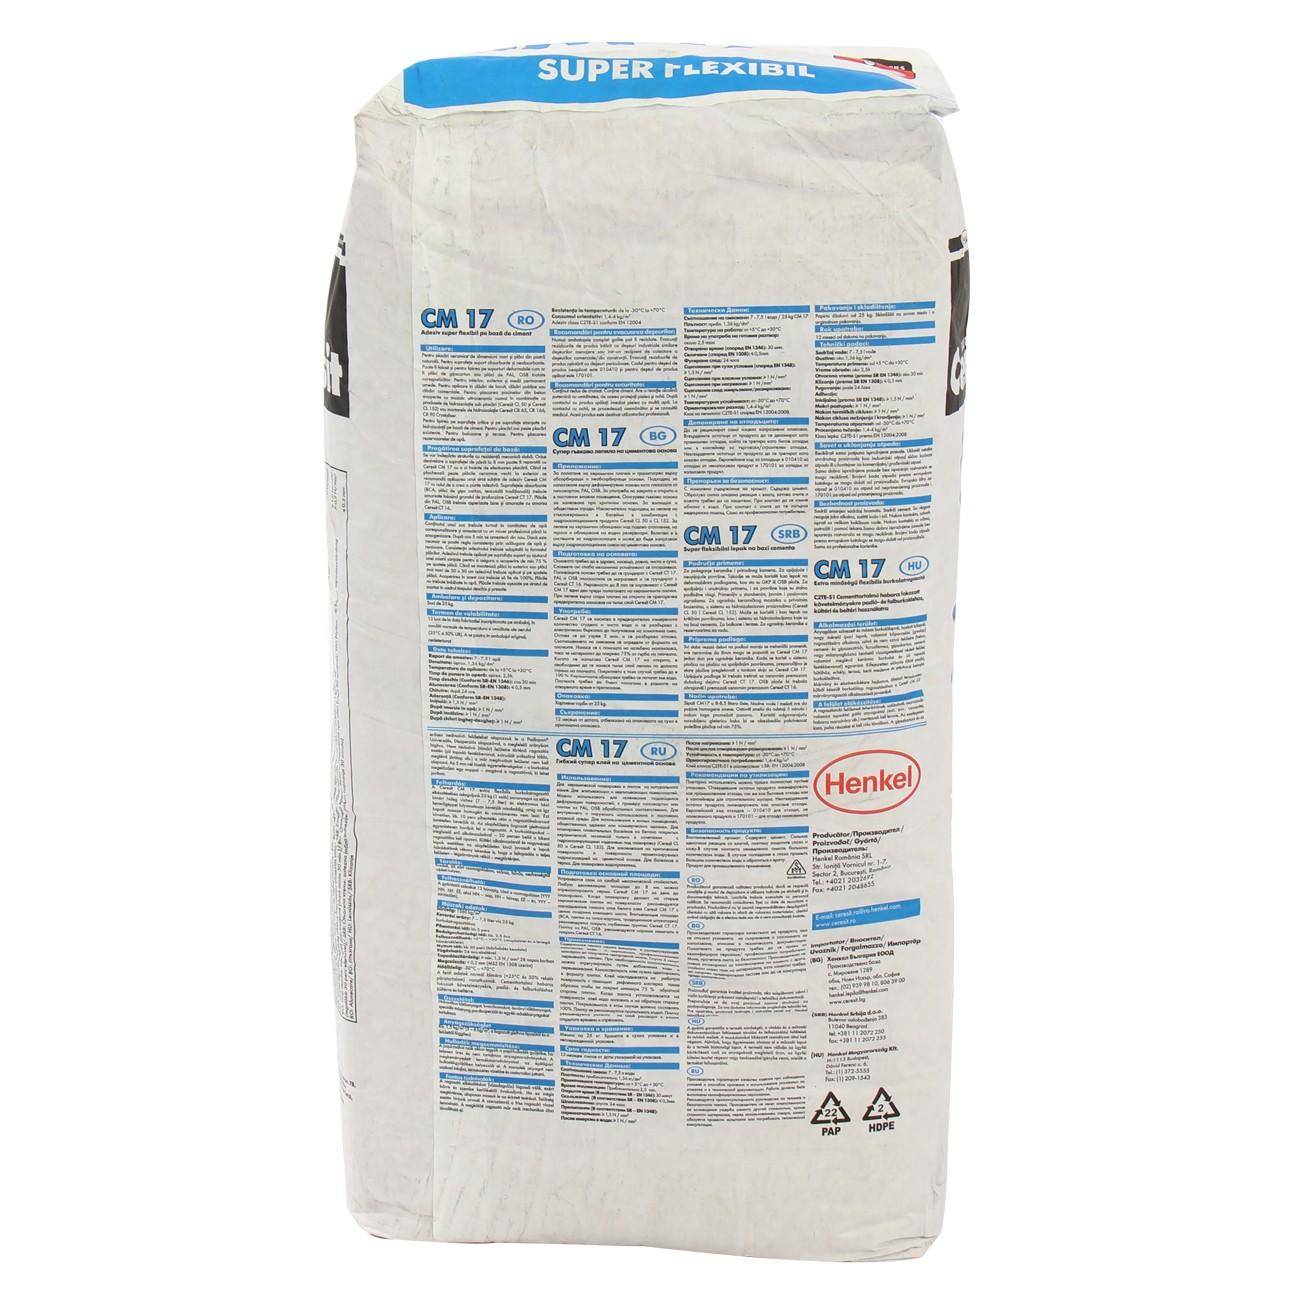 Adeziv super - flexibil pentru gresie si faianta Ceresit CM 17, interior / exterior, gri, 25 kg